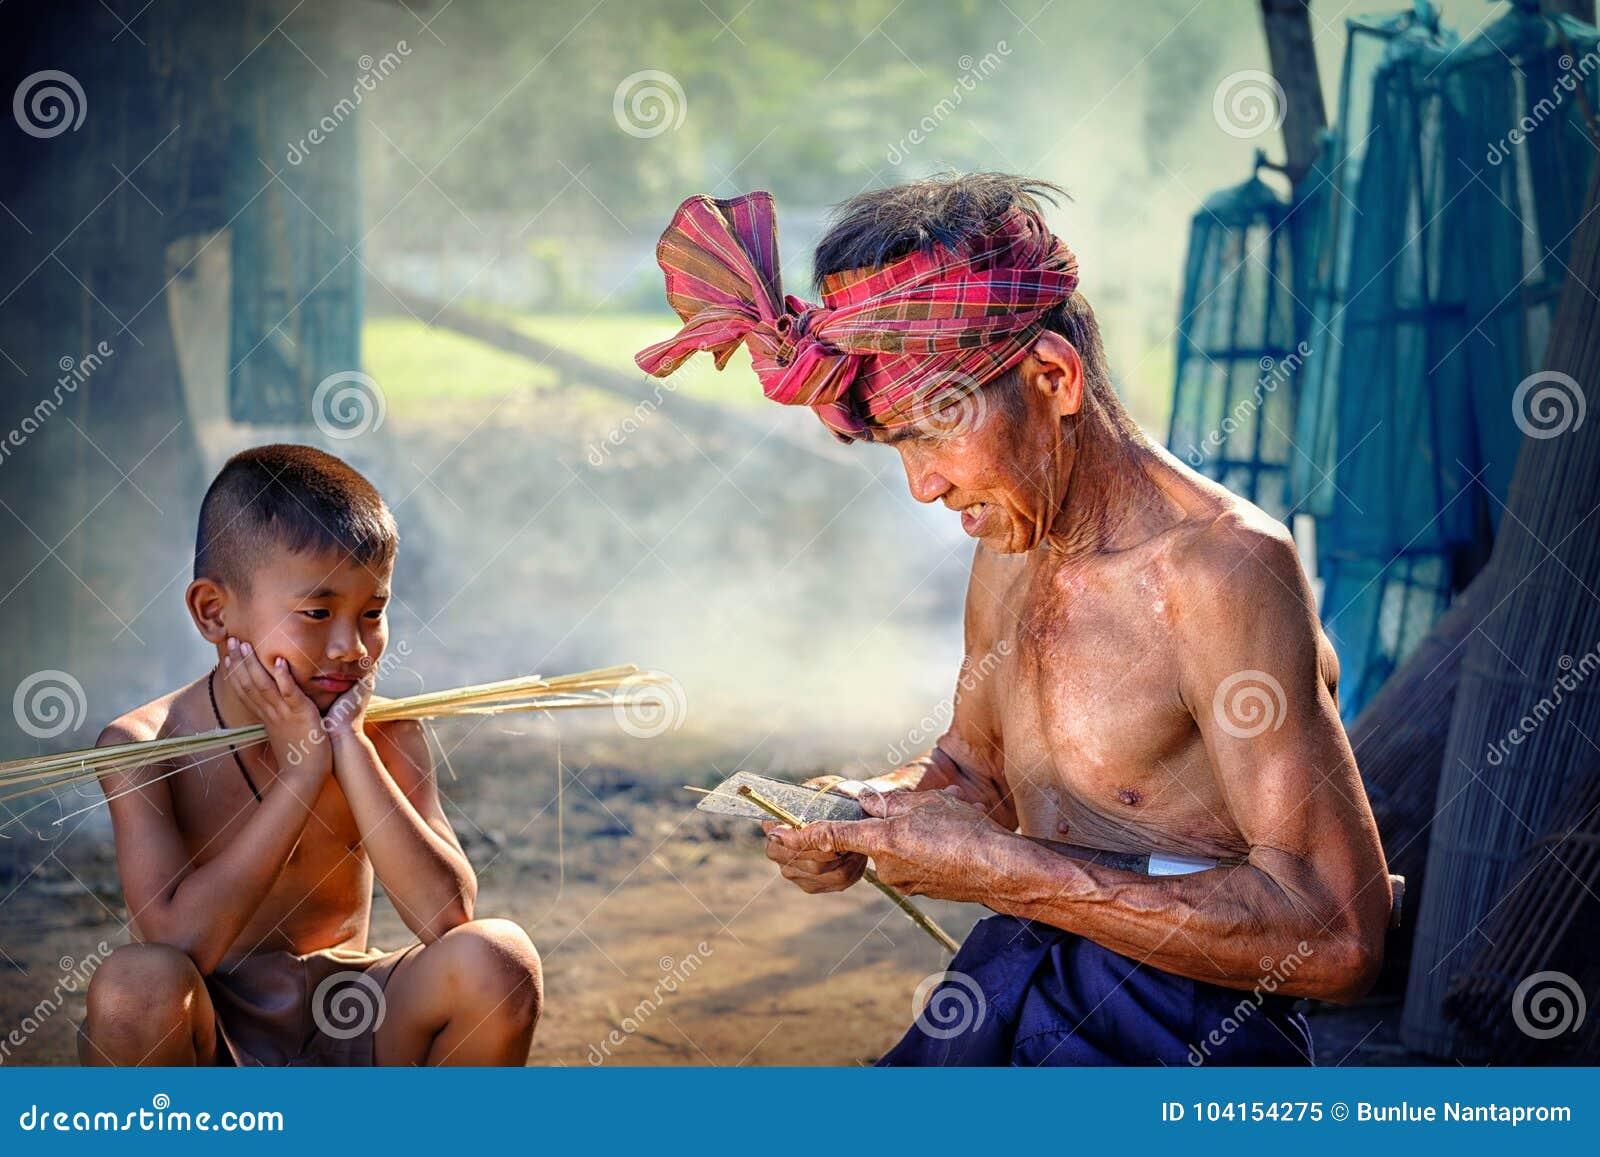 Tajlandia syn i ojciec jesteśmy pracującym ręcznie robiony Koszykowym bambusem lub f